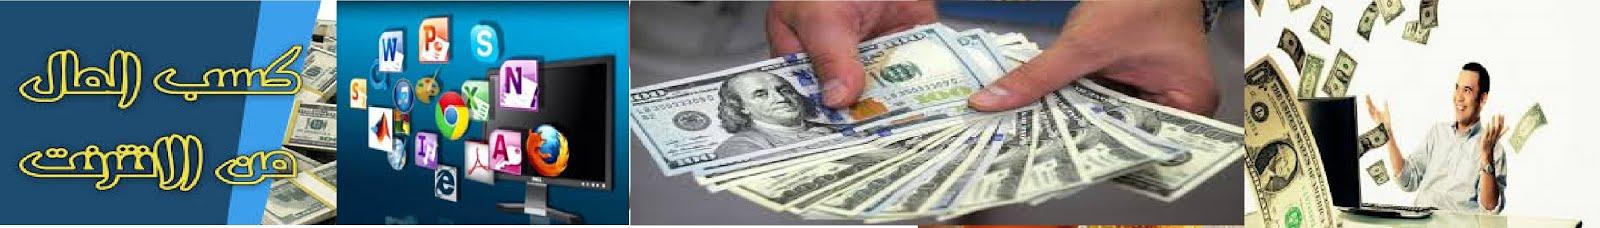 طرق الربح من الانترنت وطرق جمع الدولار مجربة